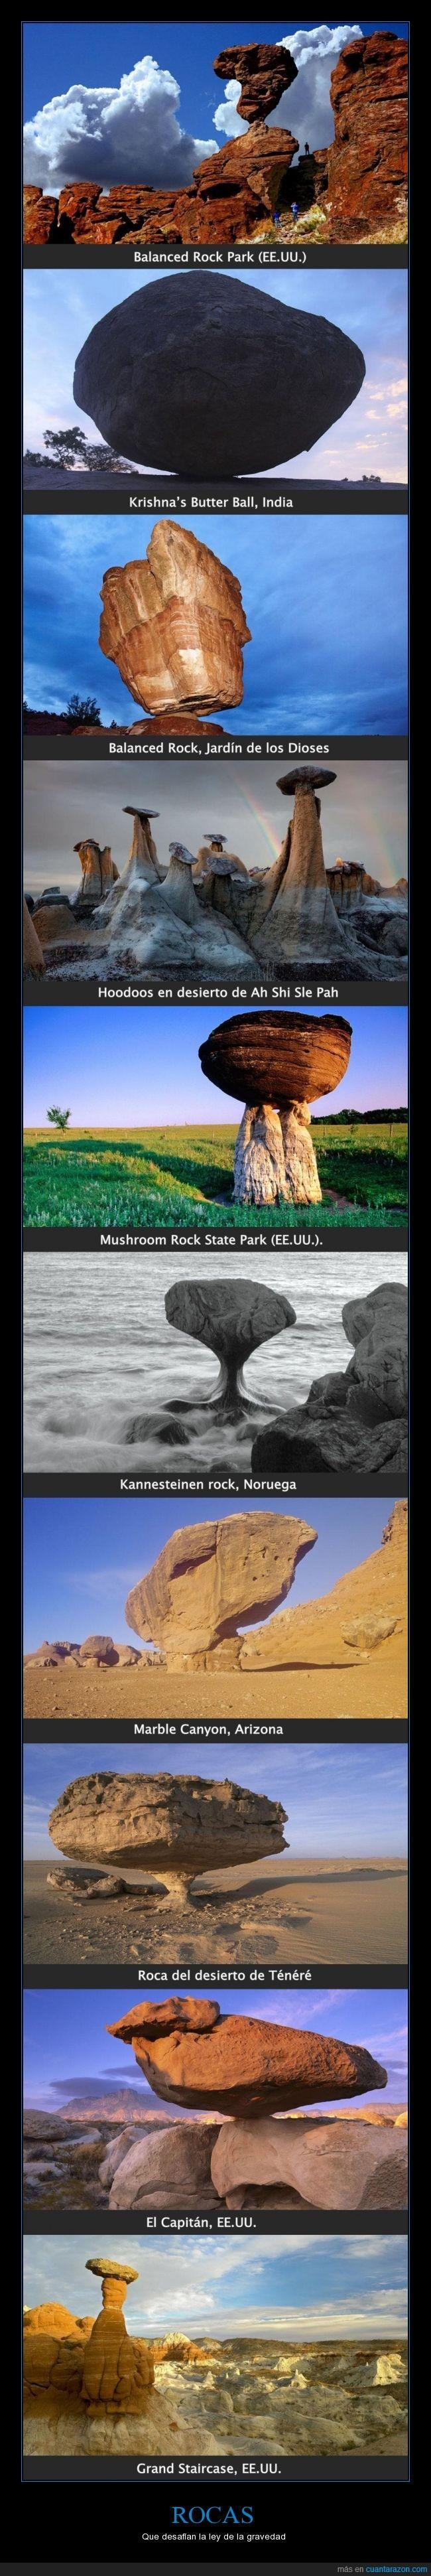 Arizona,Balanced Rock,Balanced Rock Park,desierto de Ah Shi Sle Pah,EE.UU.,El Capitán,El Capitán (el otro),equilibradas,Grand Staircase,Hoodoos,impresionantes,India,Jardín de los Dioses,Kannesteinen rock,Krishna's Butter Ball,maravillas de la naturaleza,Marble Canyon,Mushroom Rock State Park,Noruega,Roca del desierto de Ténéré,rocas